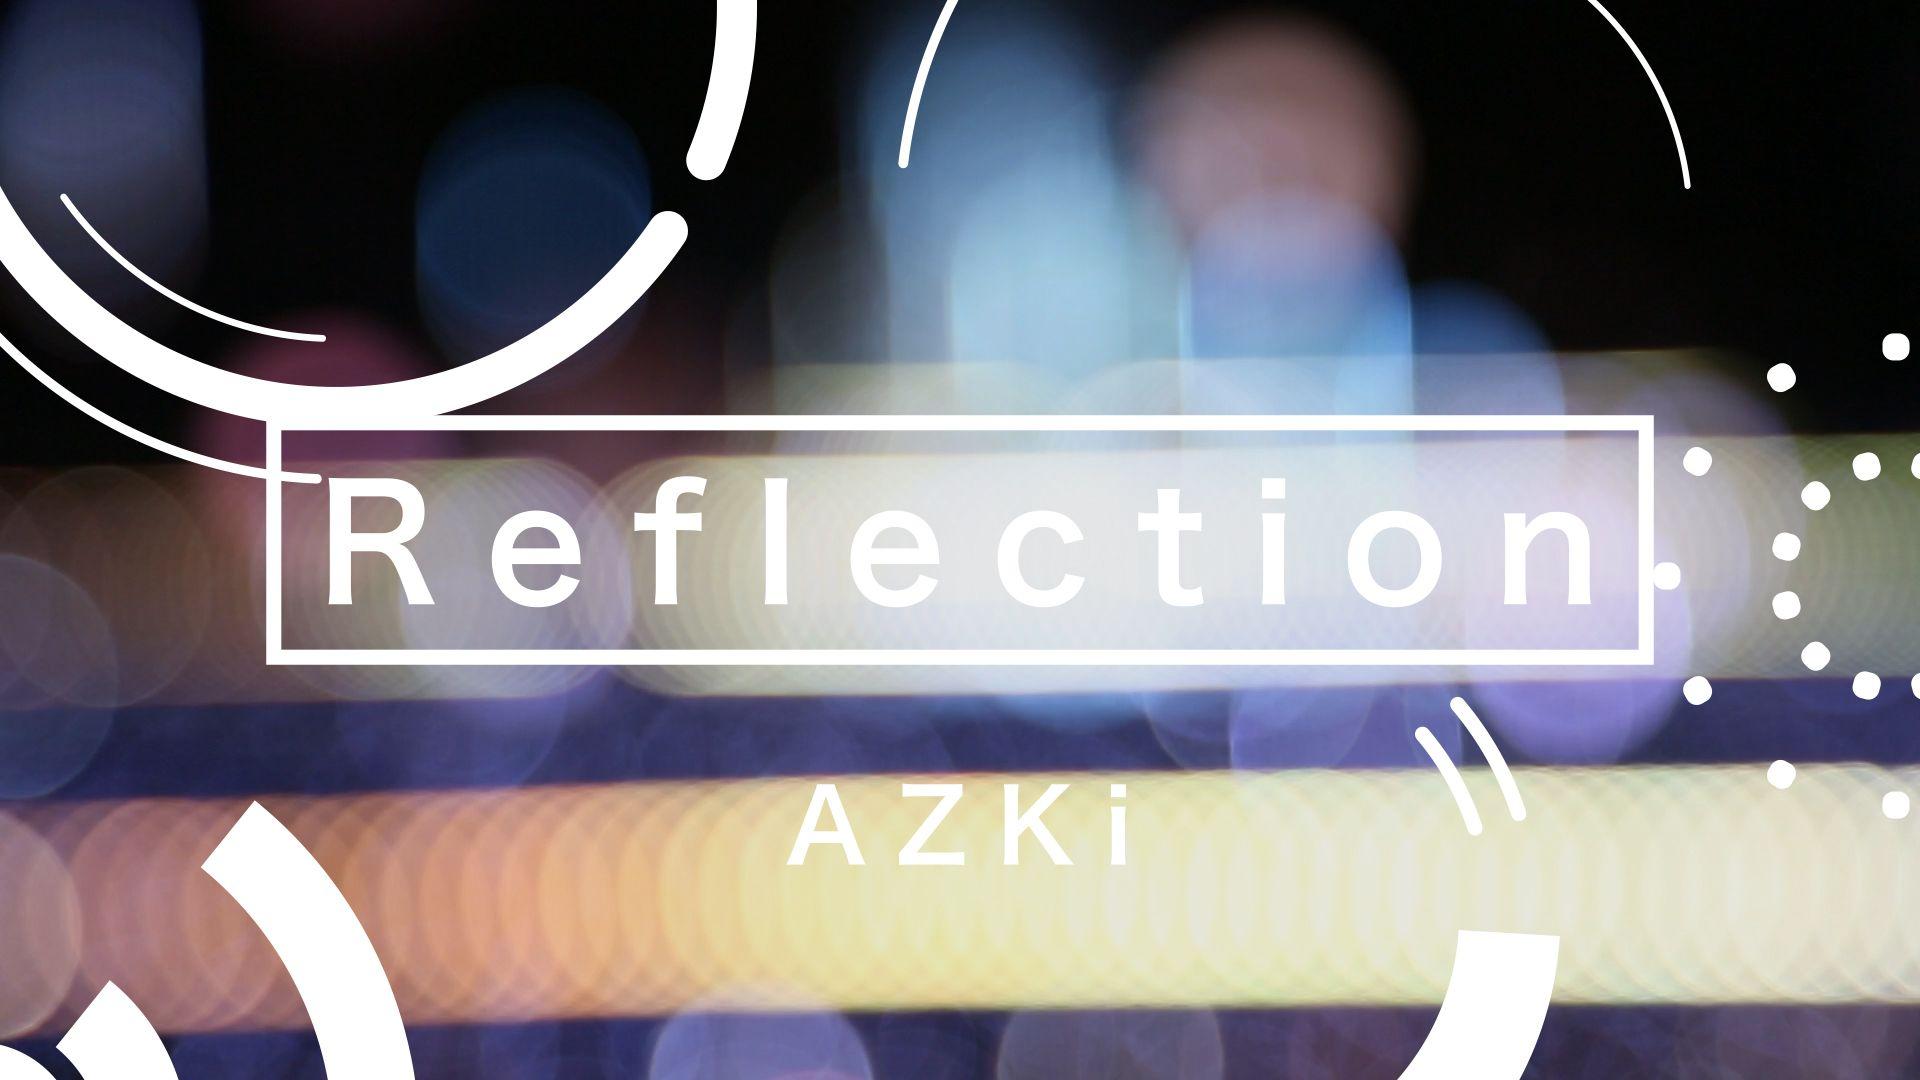 イノナカミュージック所属VTuber「AZKi 」Reflection MVを制作!